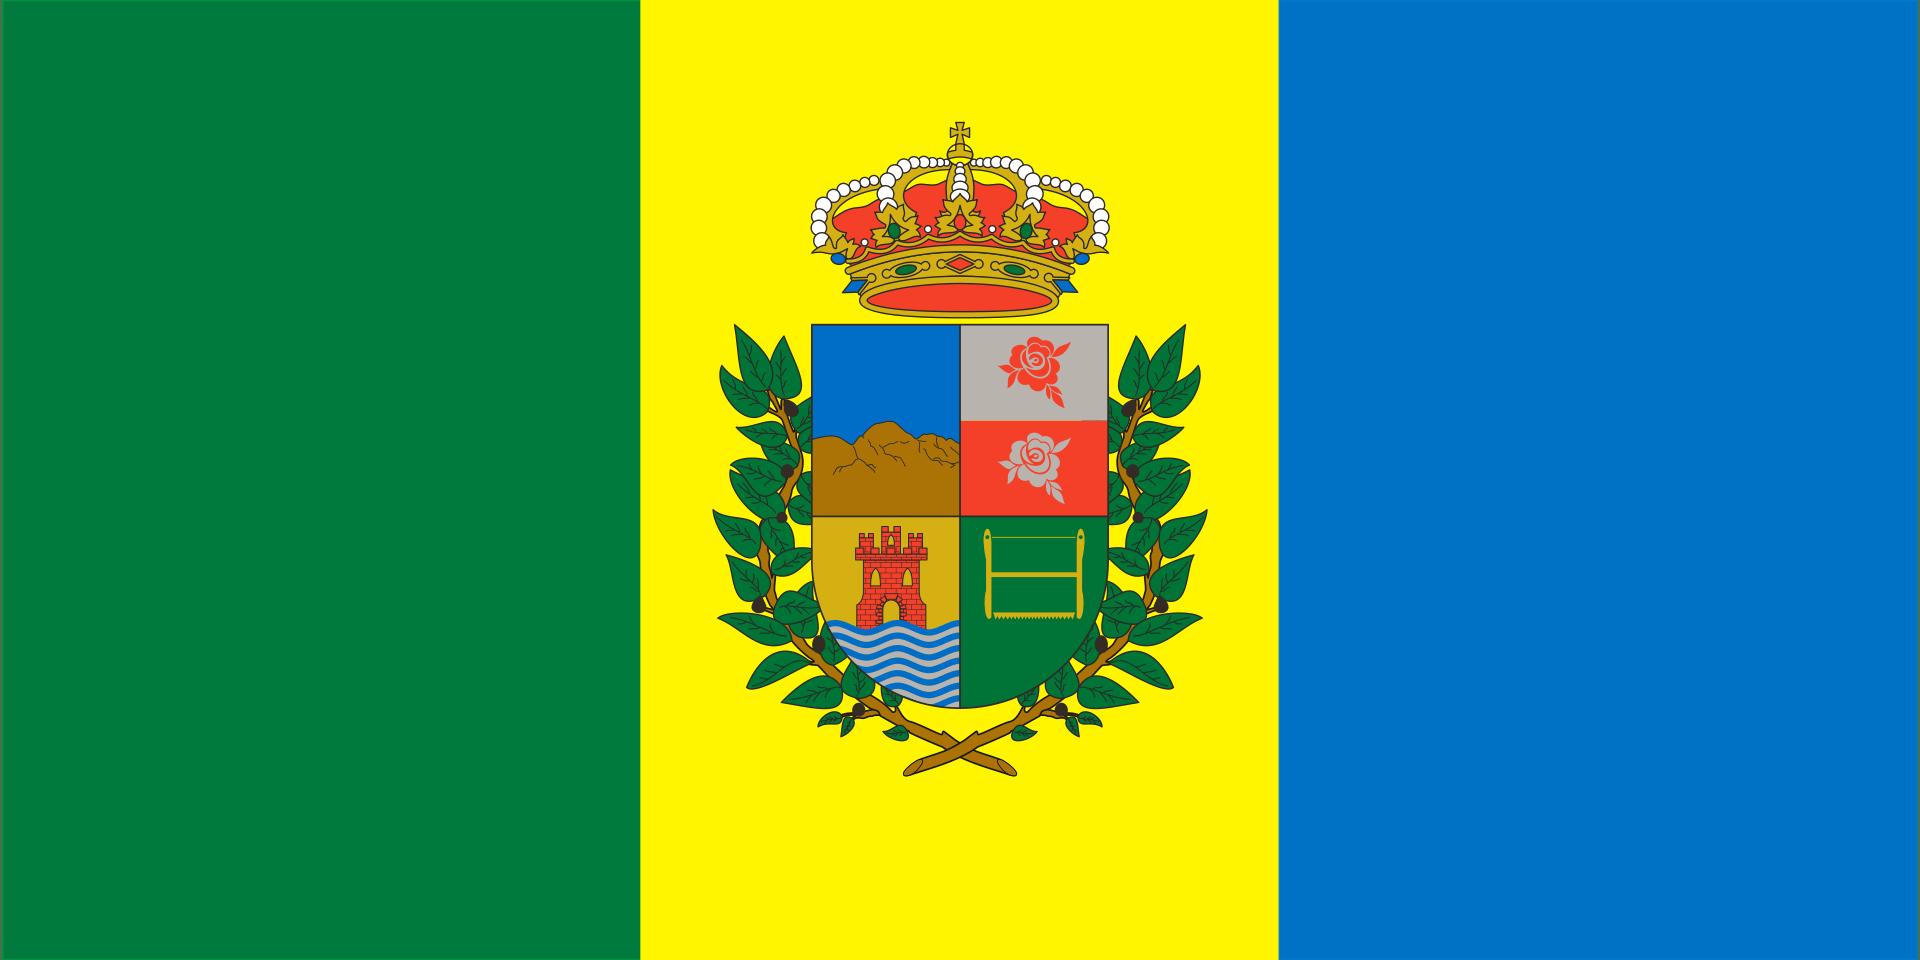 Traducciones Breña Baja y traductores Breña Baja